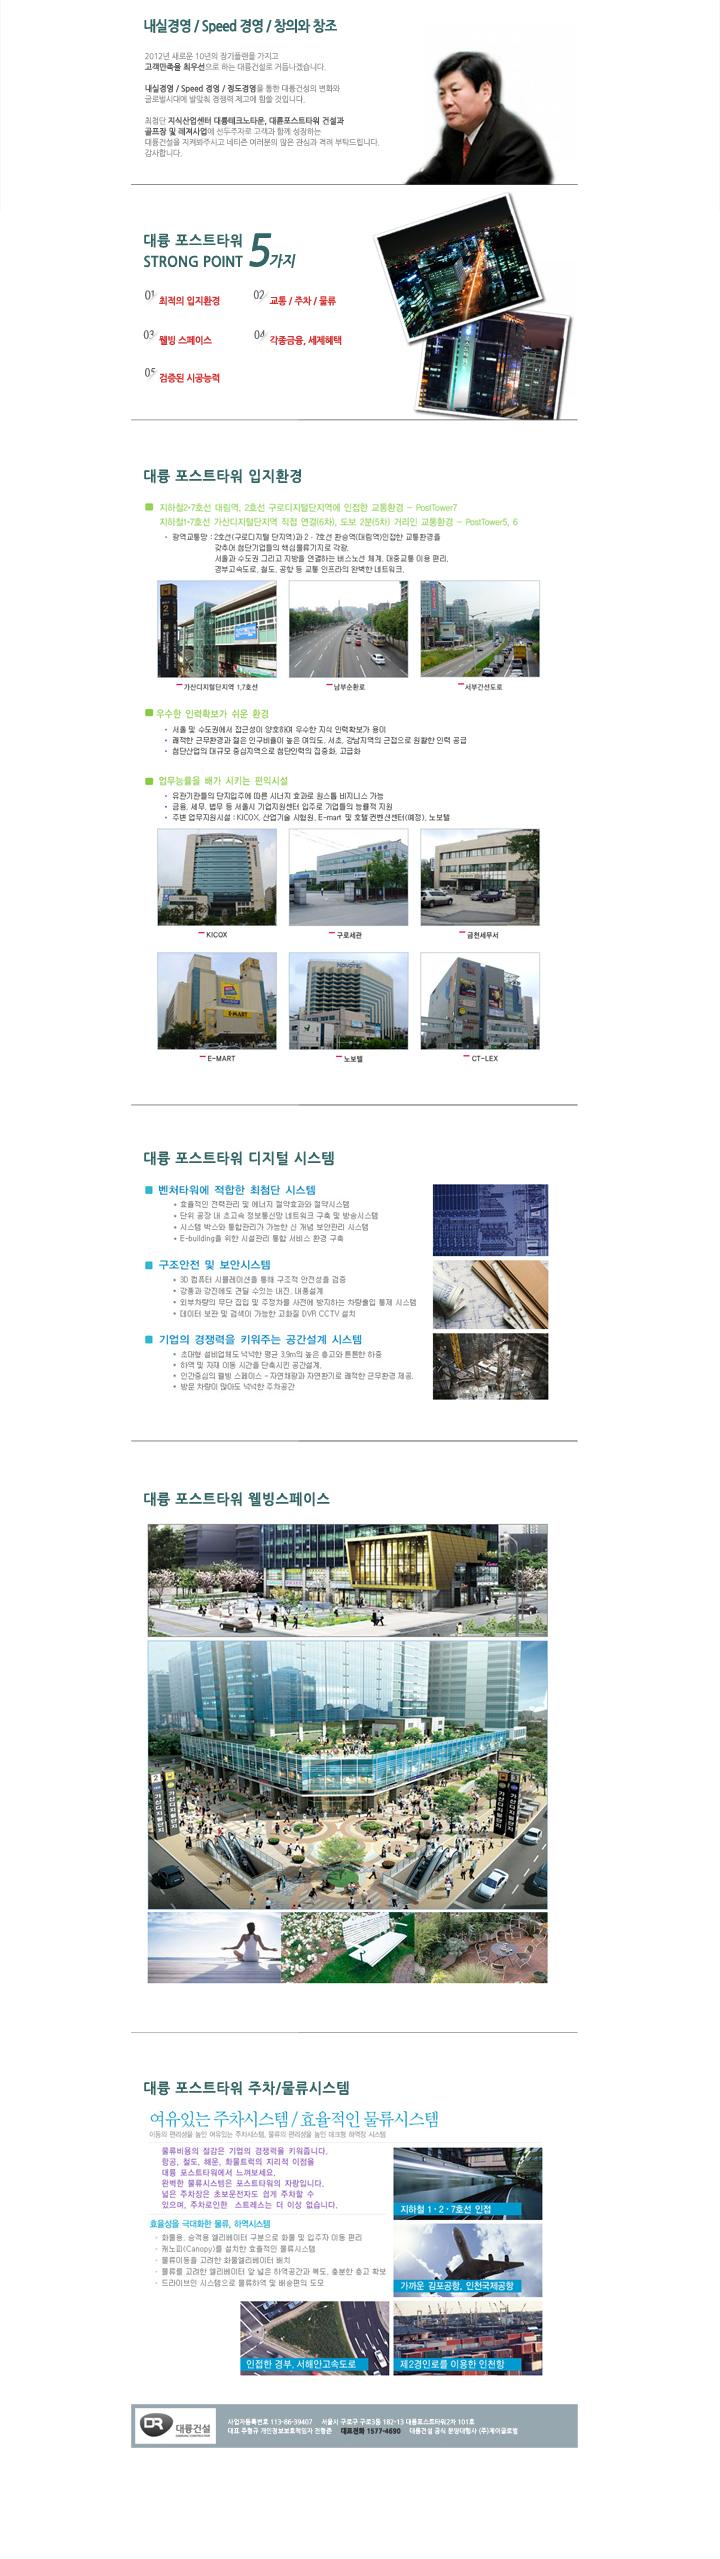 9랜딩페이지디자인,한페이지 홈페이지,건설회사웹사이트